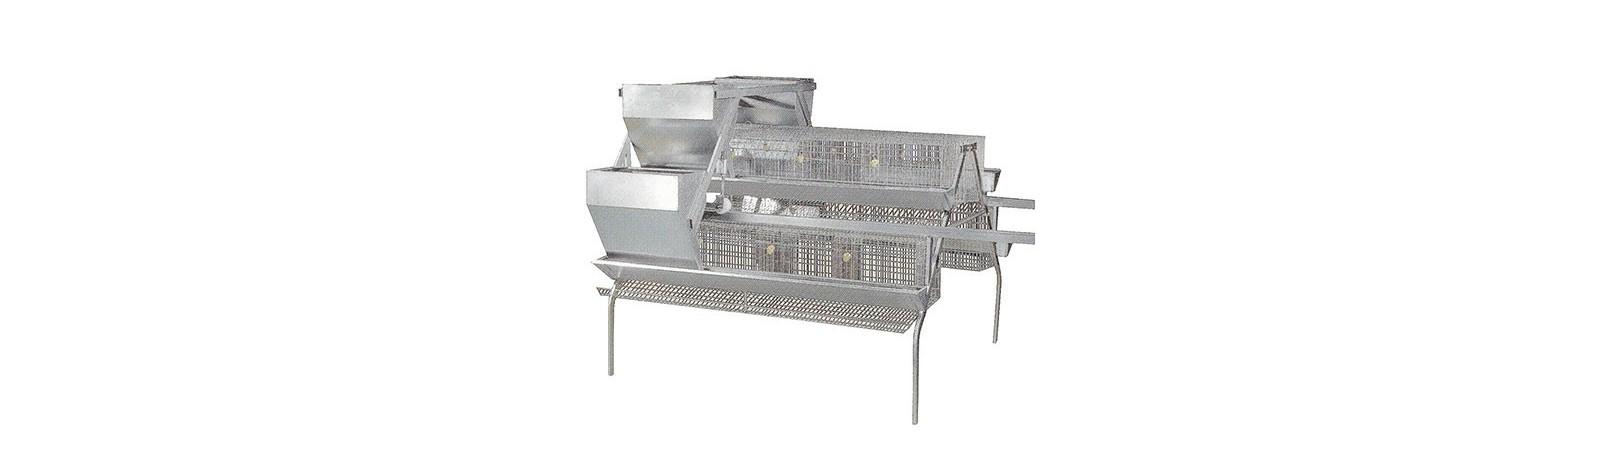 Fabricante de Jaulas para Avicultura Industrial